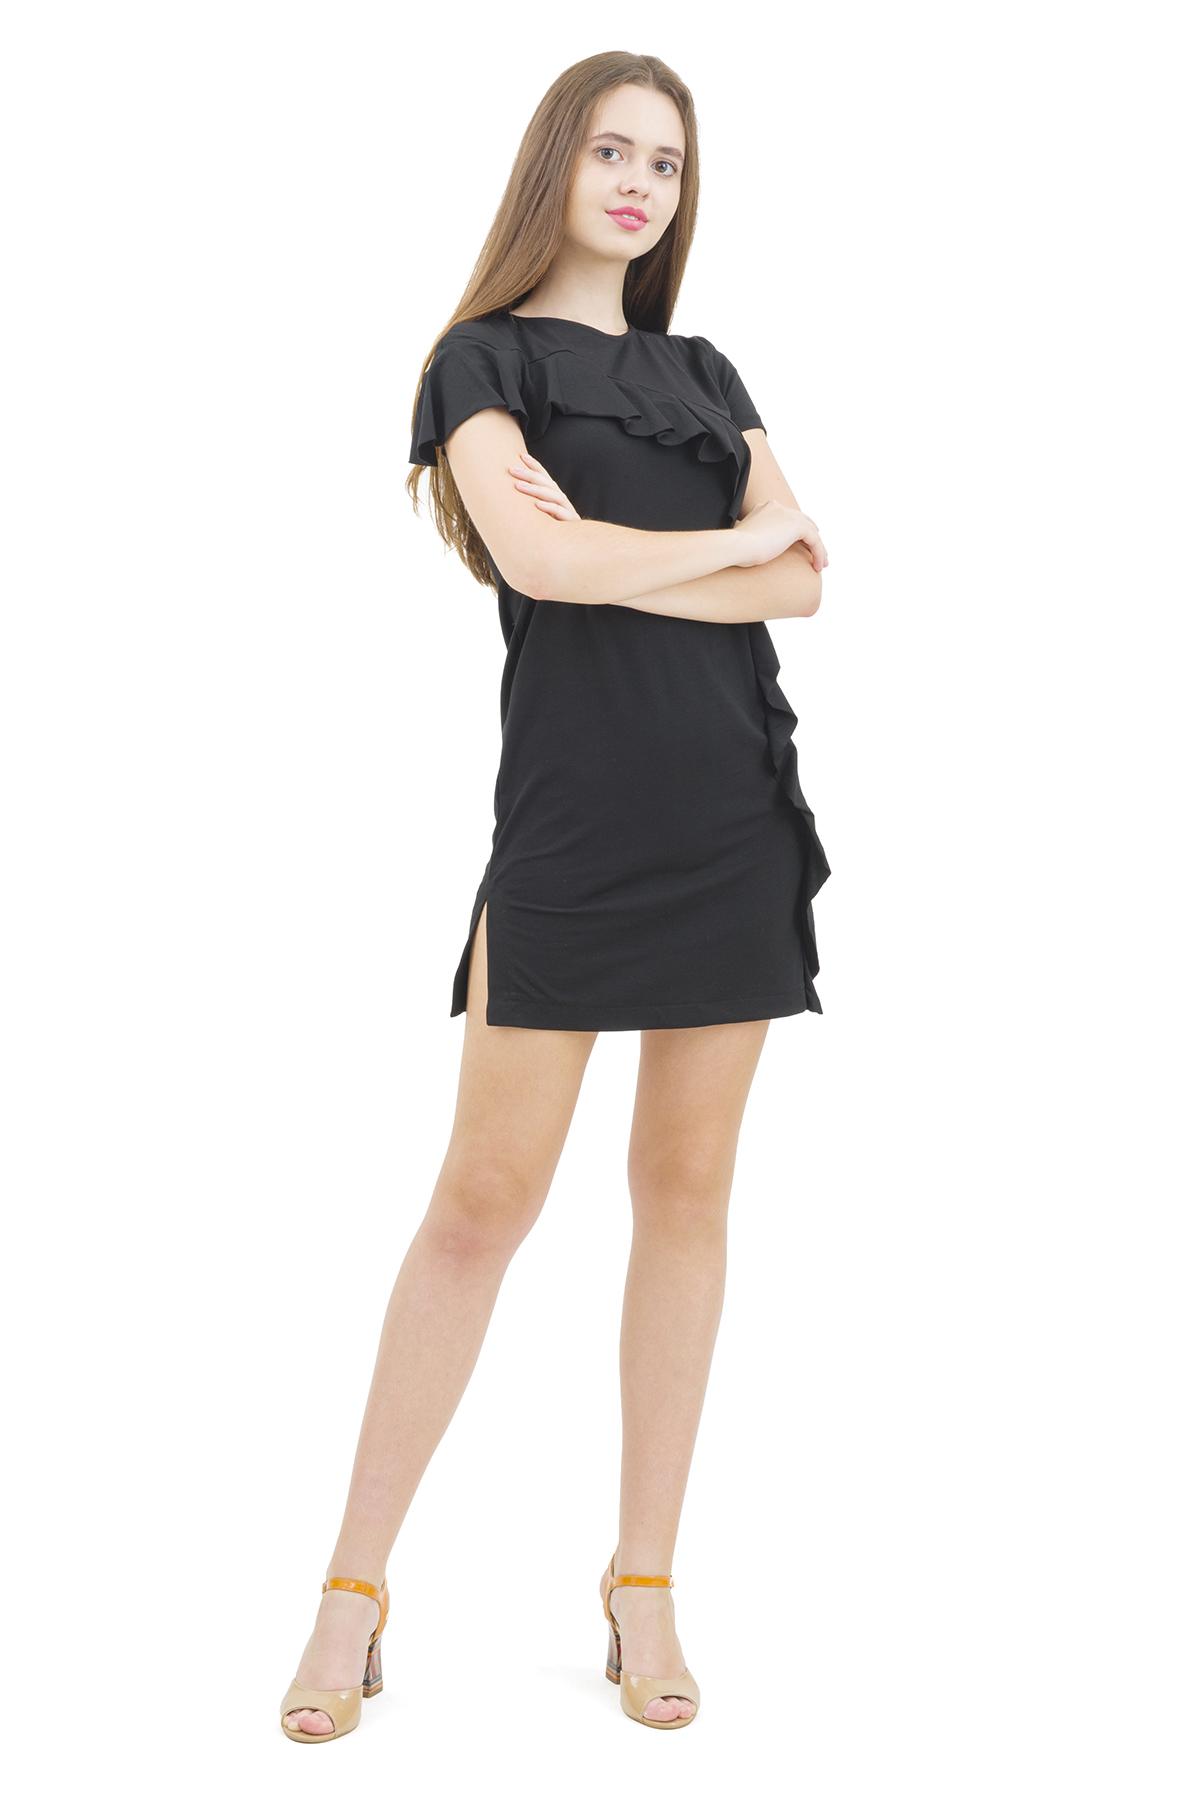 ПлатьеПлатья,  сарафаны<br>Изумительное платье с оригинальной вышивкой и лаконичного дизайна не оставит Вас незамеченной среди окружающих.<br><br>Цвет: черный<br>Состав: 92% хлопок; 8% эластан<br>Размер: 40,42,44,46,48,50,52<br>Страна дизайна: Россия<br>Страна производства: Россия